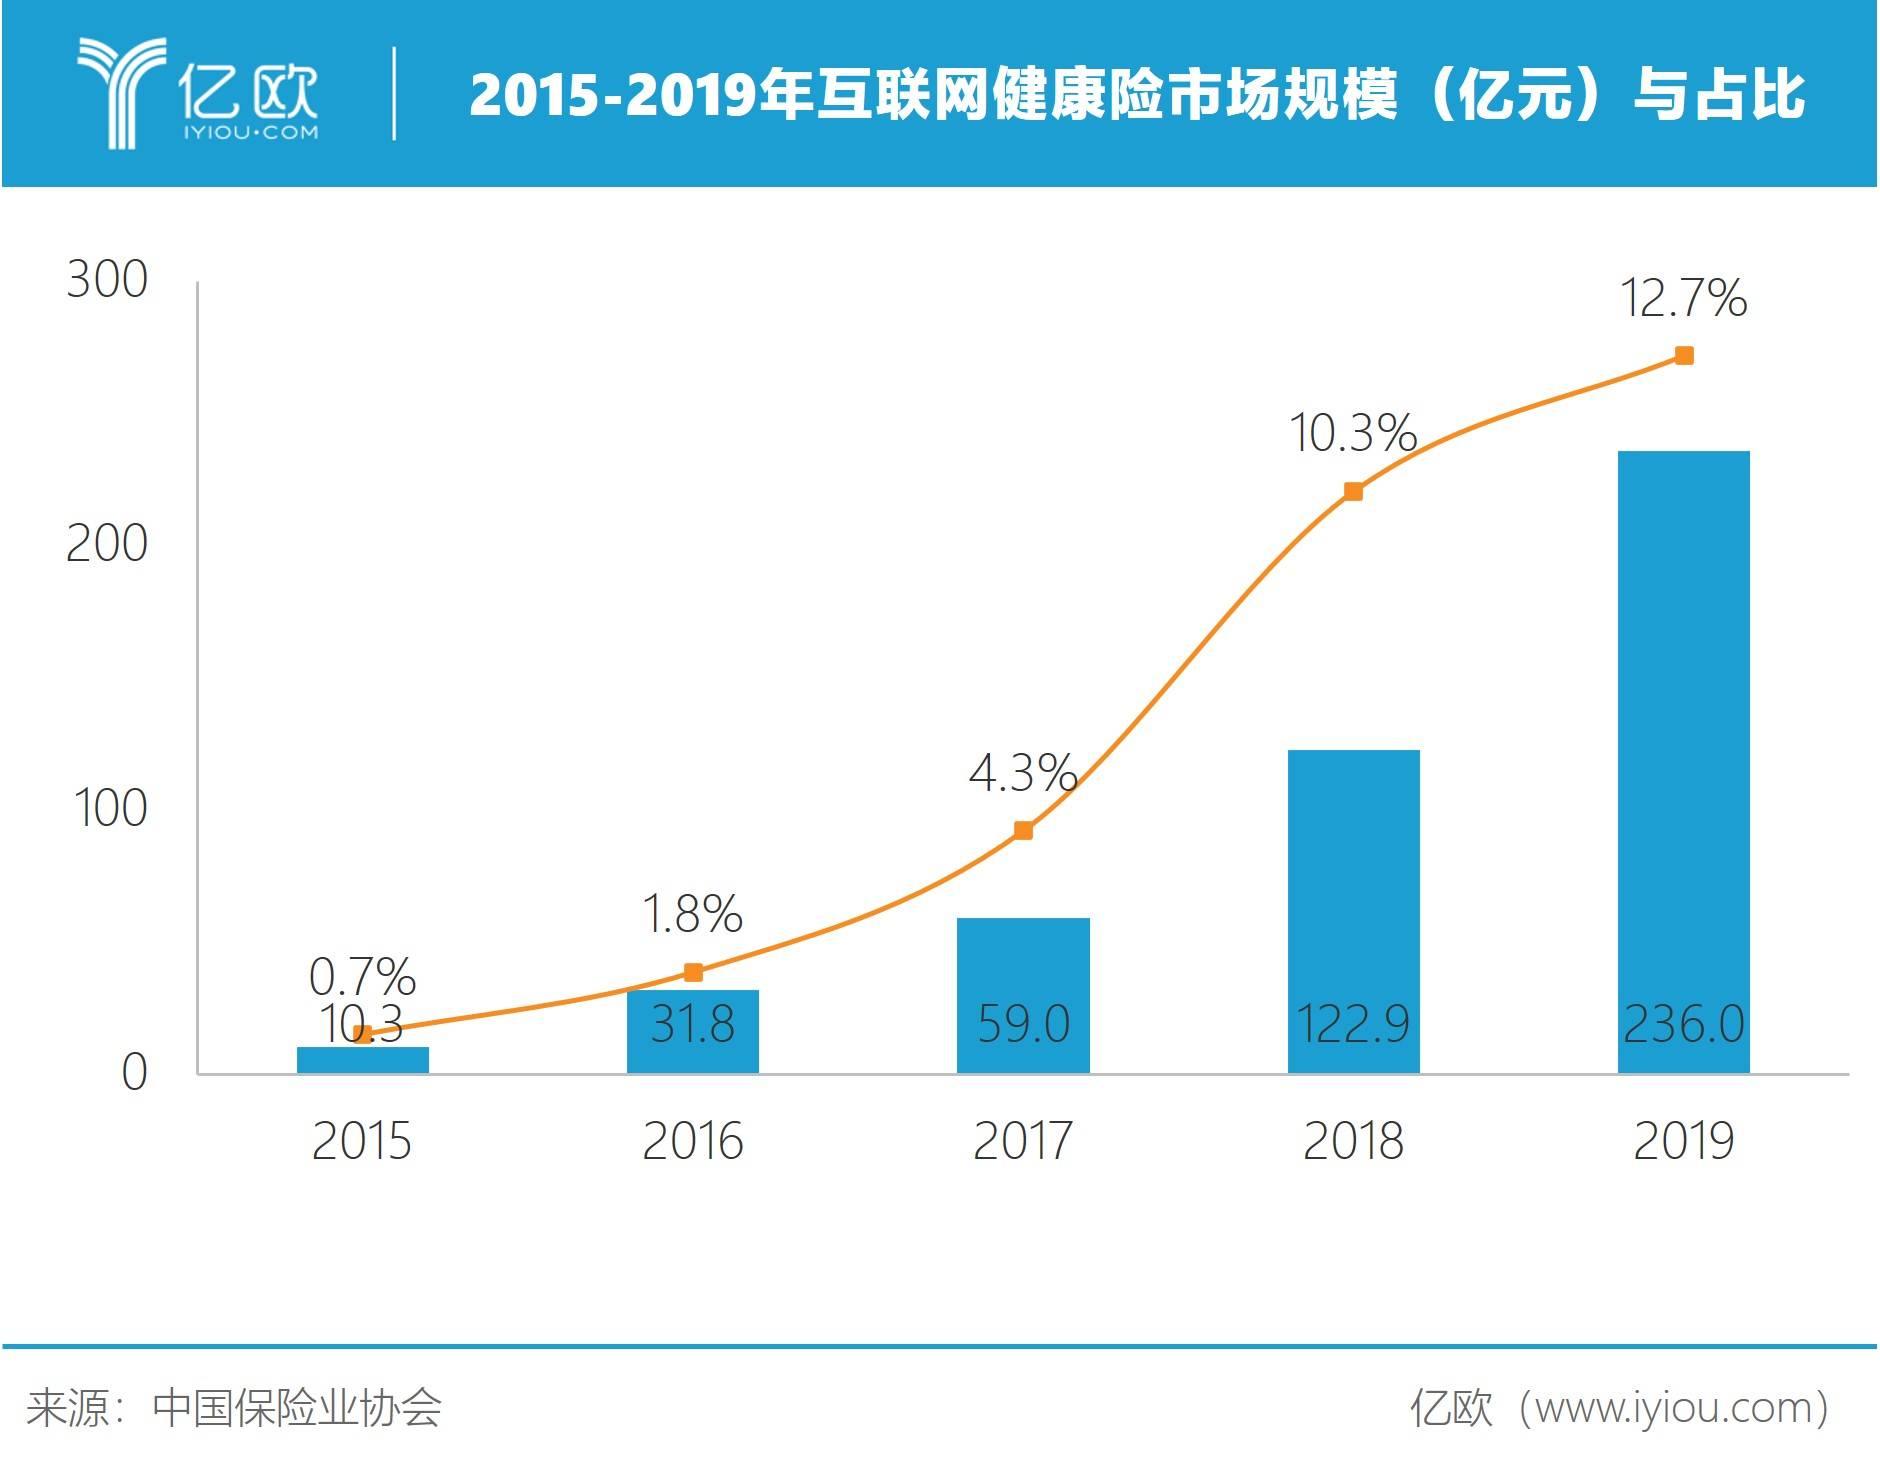 2015-2019年互联网健康险市场规模(亿元)与占比